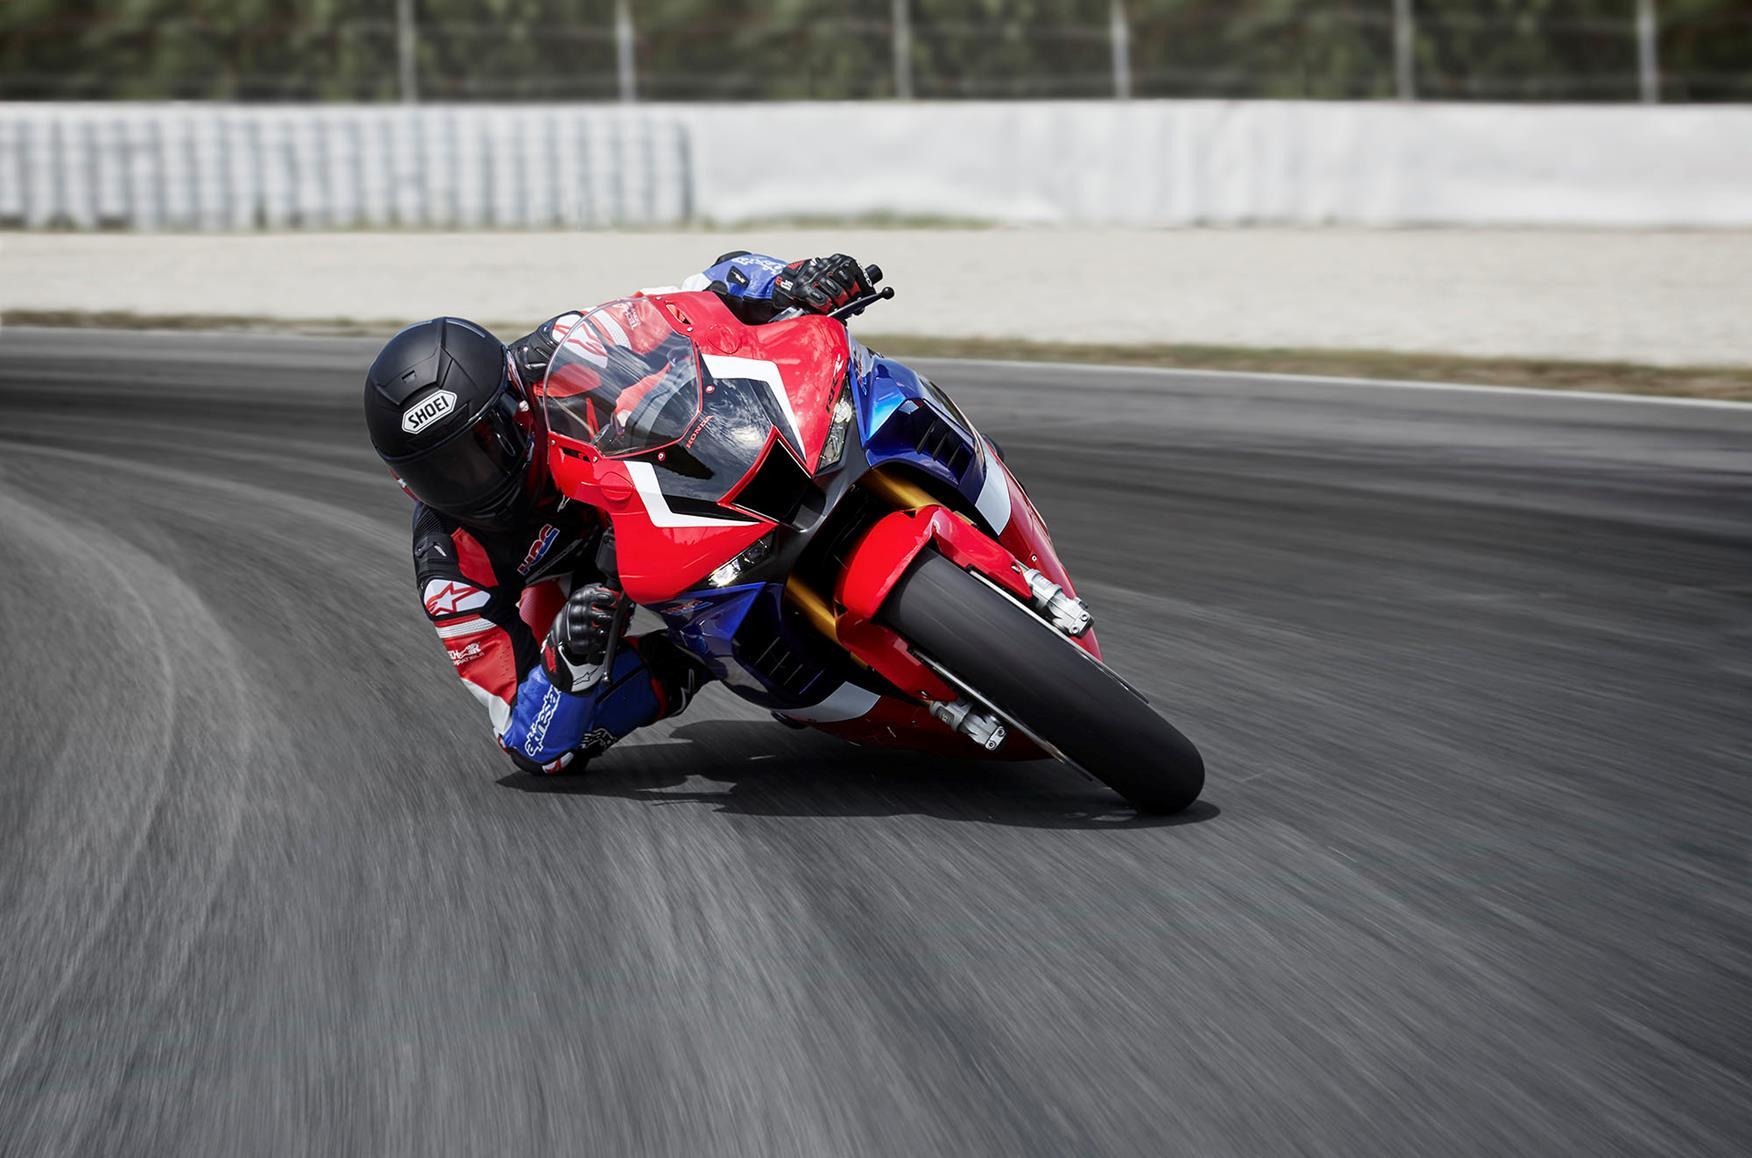 Marc Marquez riding Honda's CBR1000RR-R SP